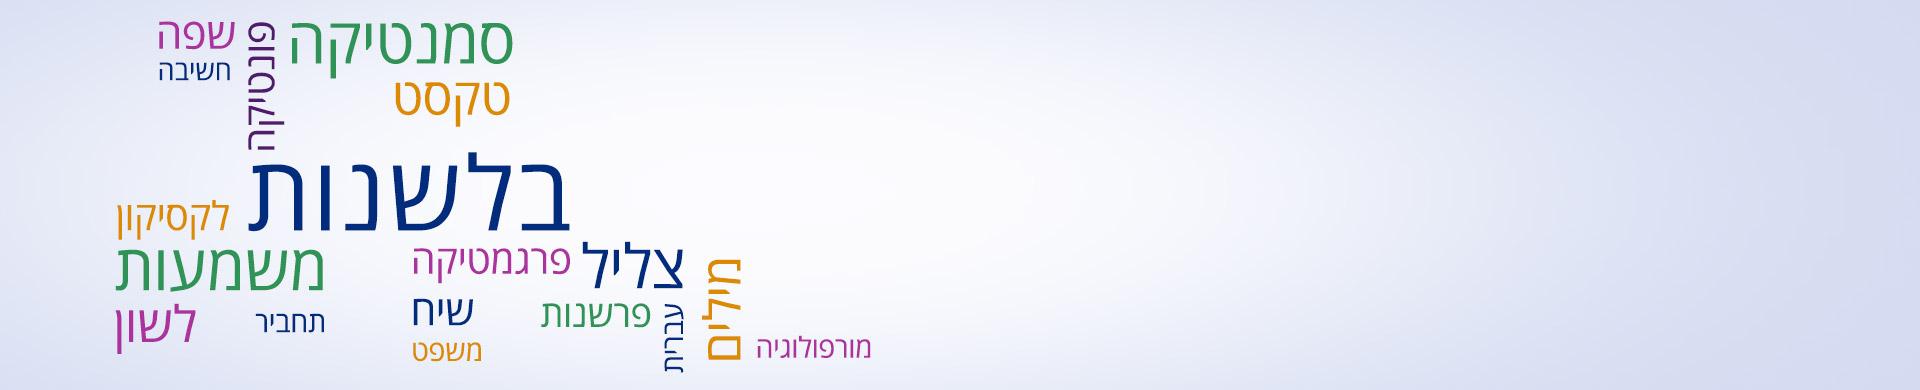 קורסים בבלשנות ובלשון עברית